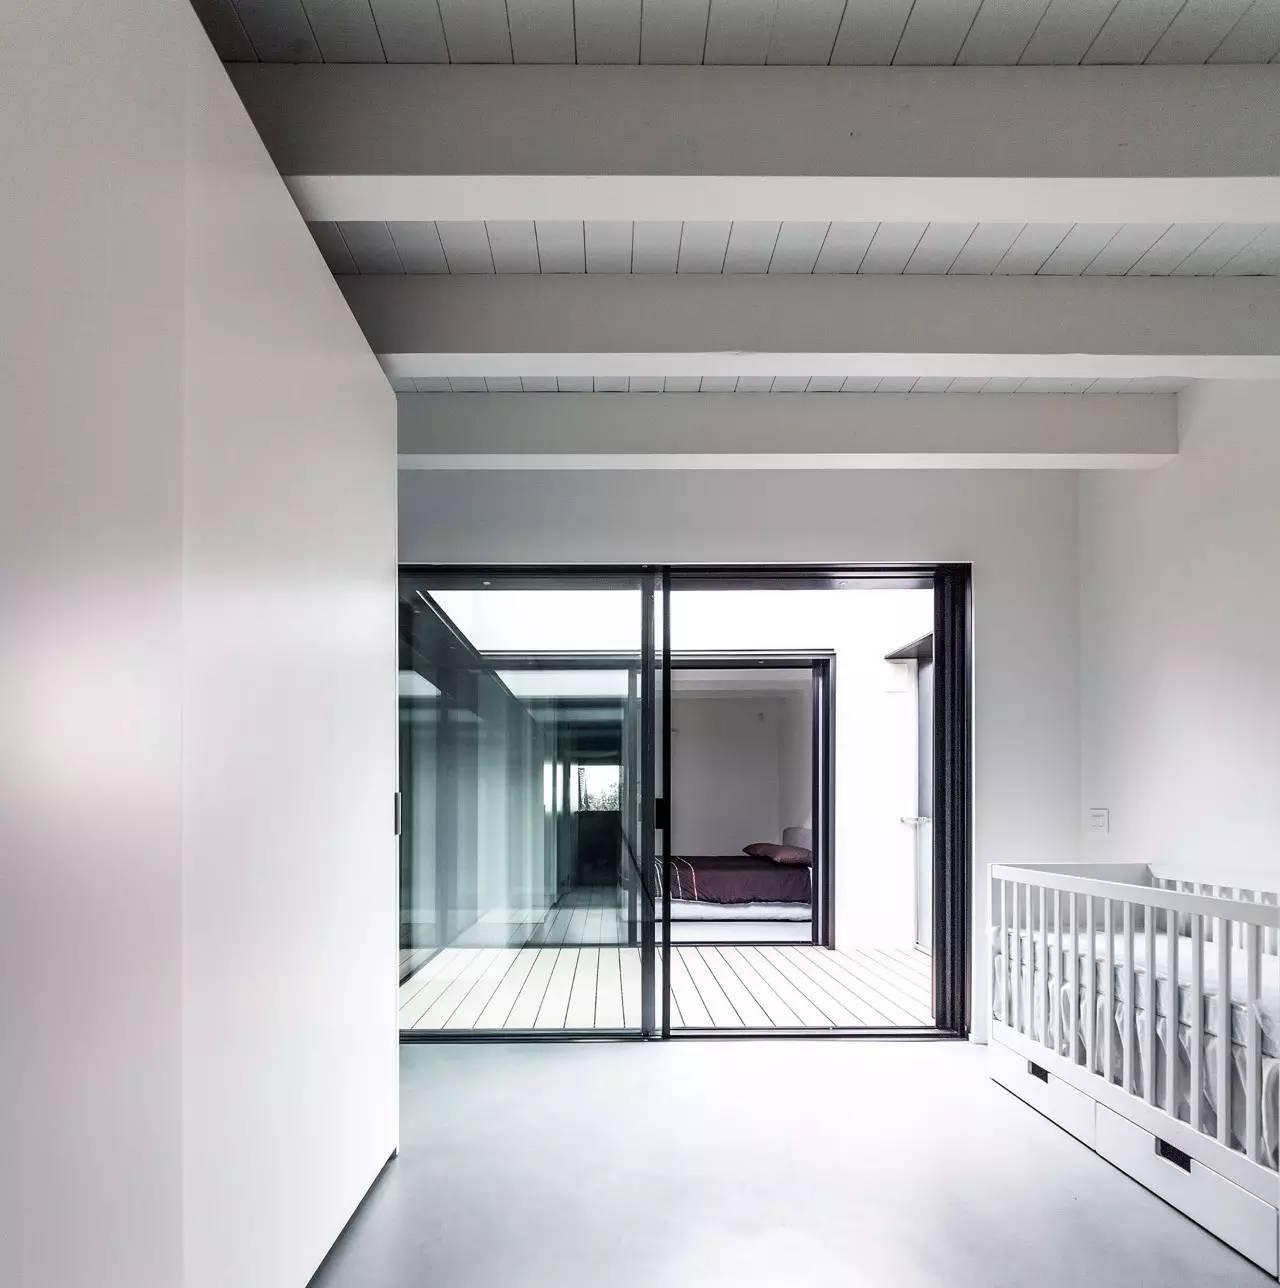 落地玻璃窗使得卧室与卧室之间相互对望,通过落地窗帘的遮蔽保持卧室